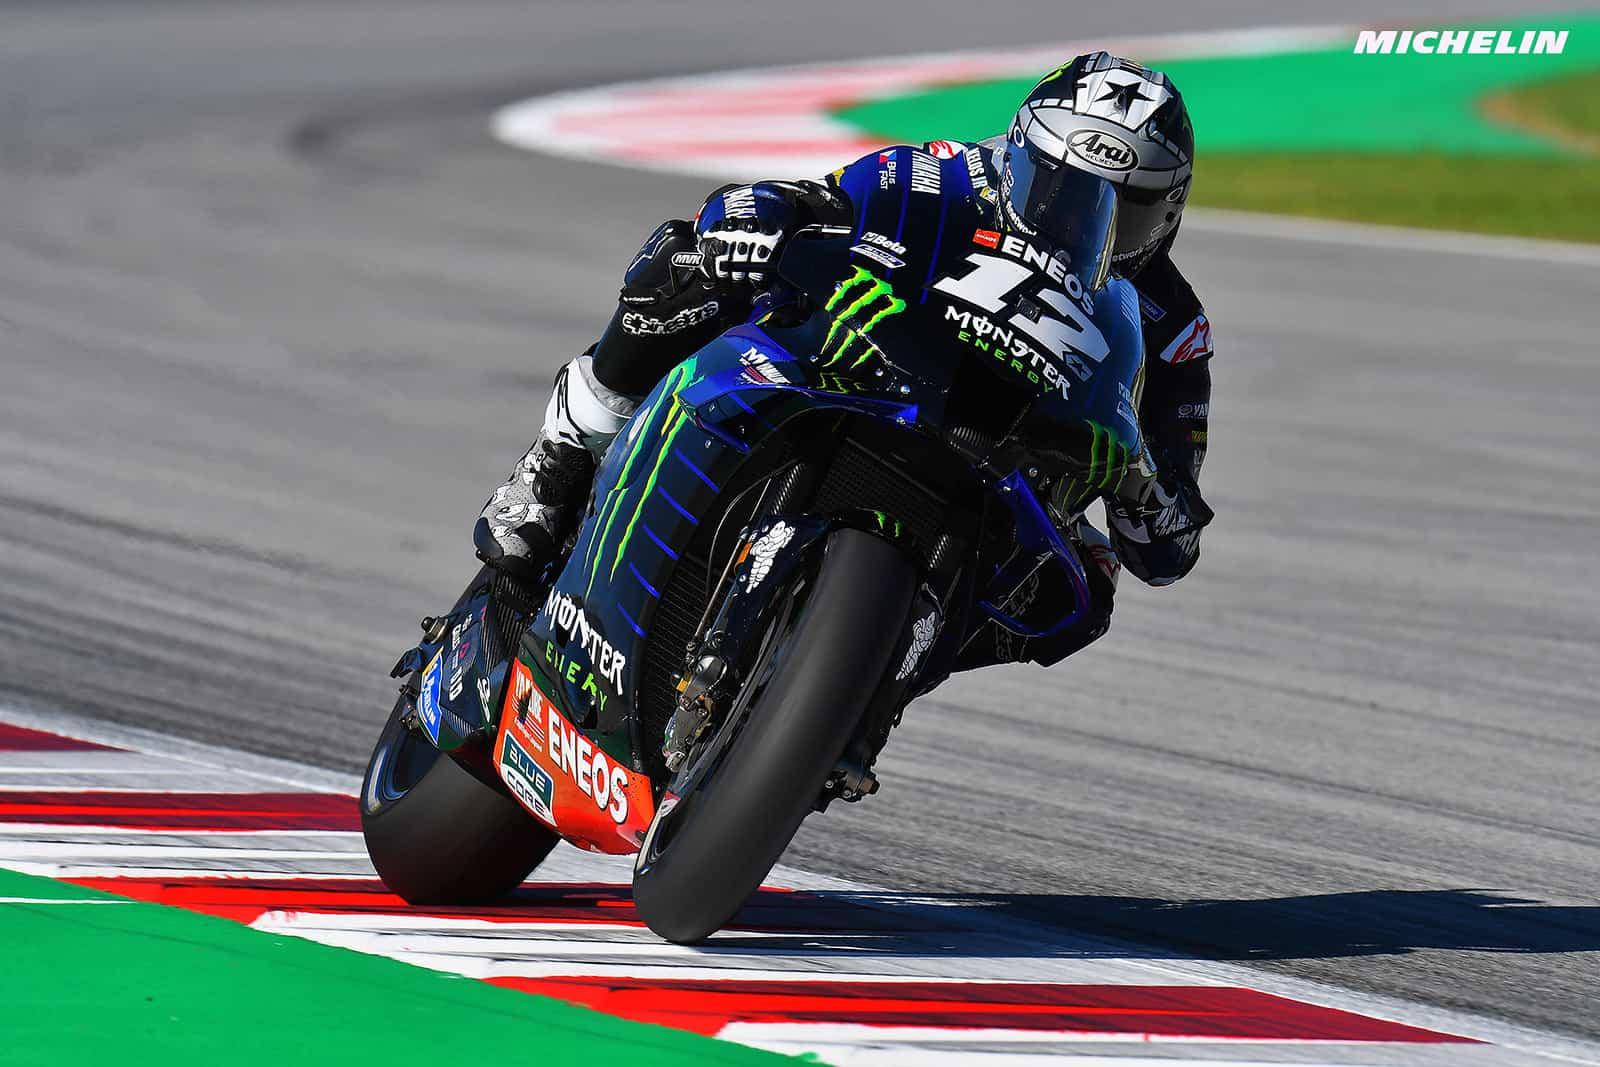 MotoGPフランスGP マーべリック・ビニャーレス「目の前のレースに集中したい」